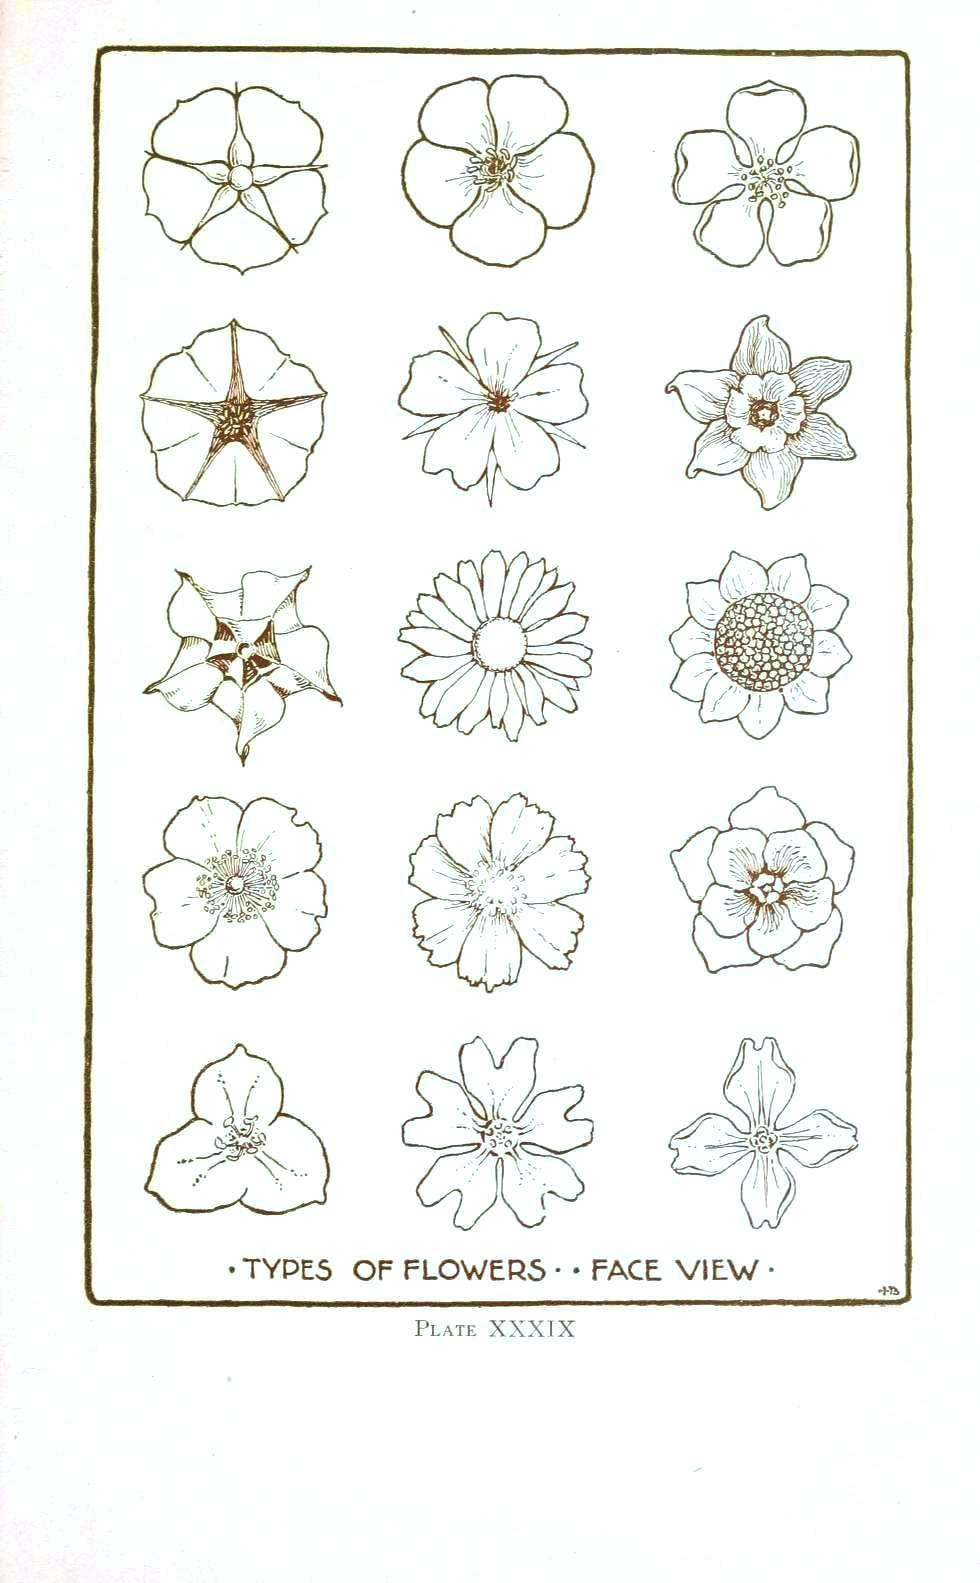 Drawn vintage flower line drawn Drawings Line – Vintage line